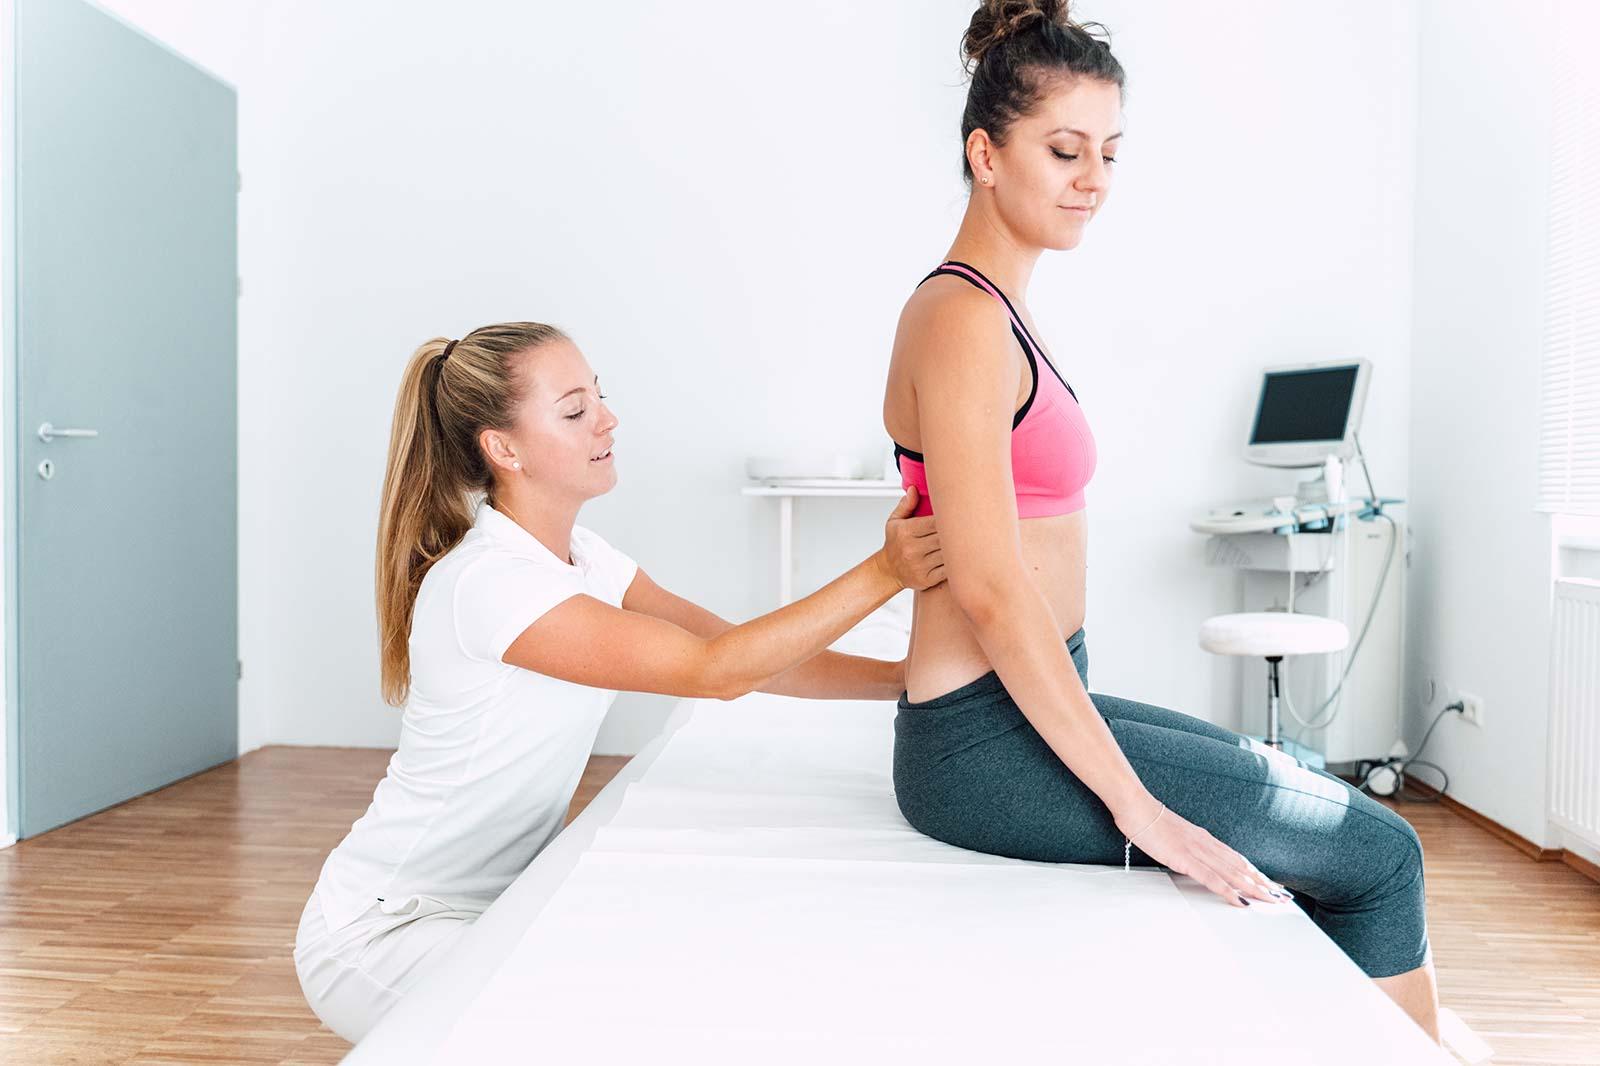 Akuter Rückenschmerz, effektive Behandlung durch Livia Tasch BSc. im medsyn ärzte- und therapiezentrum Wien